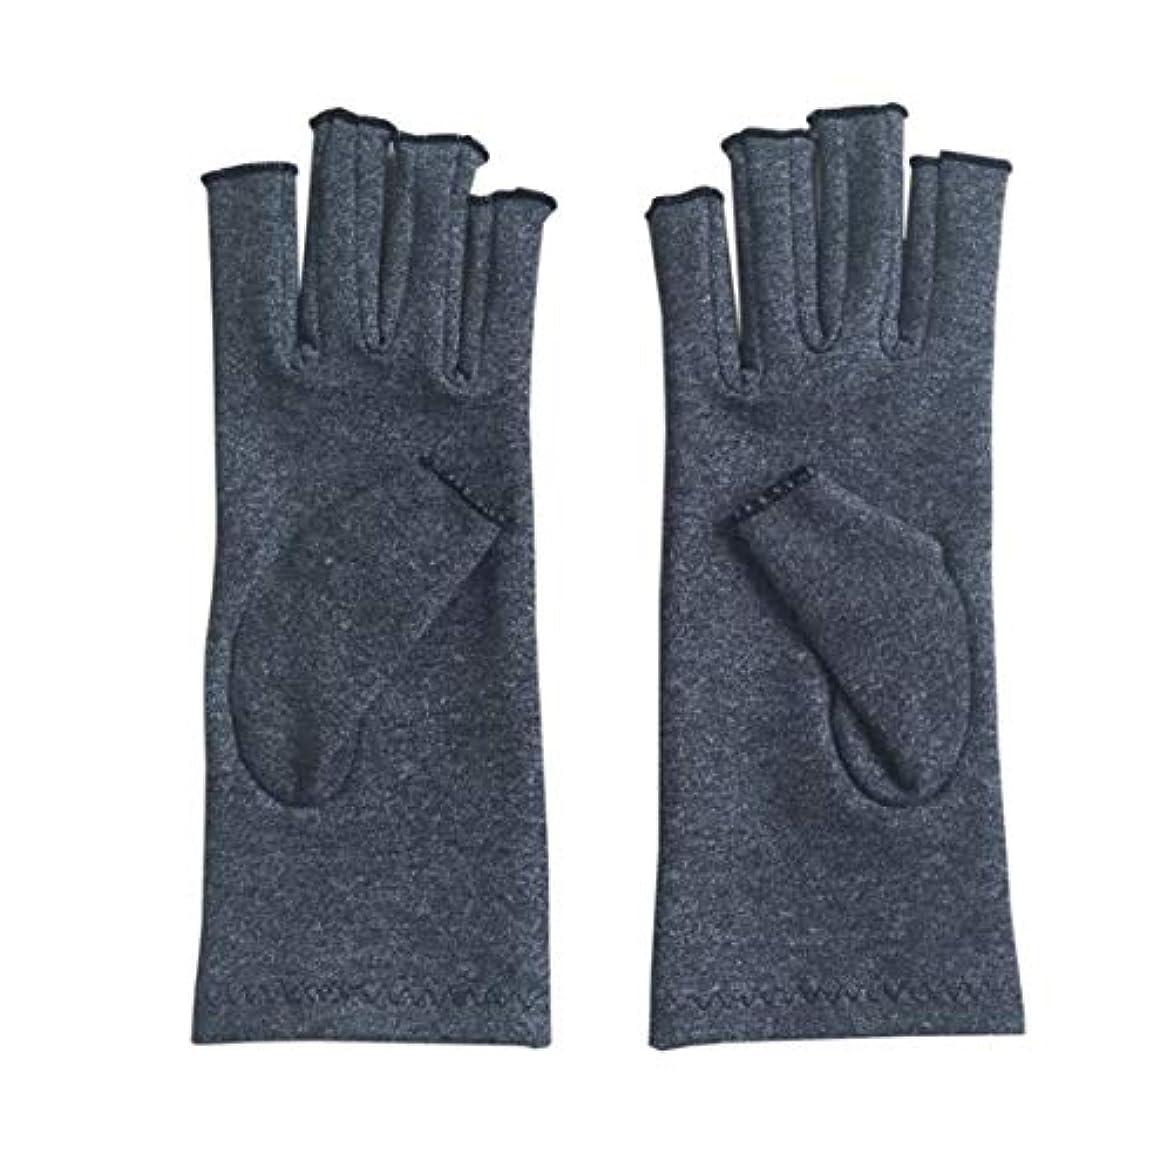 効果的にスクラップ劣るAペア/セット快適な男性用女性療法圧縮手袋無地通気性関節炎関節痛緩和手袋 - グレー